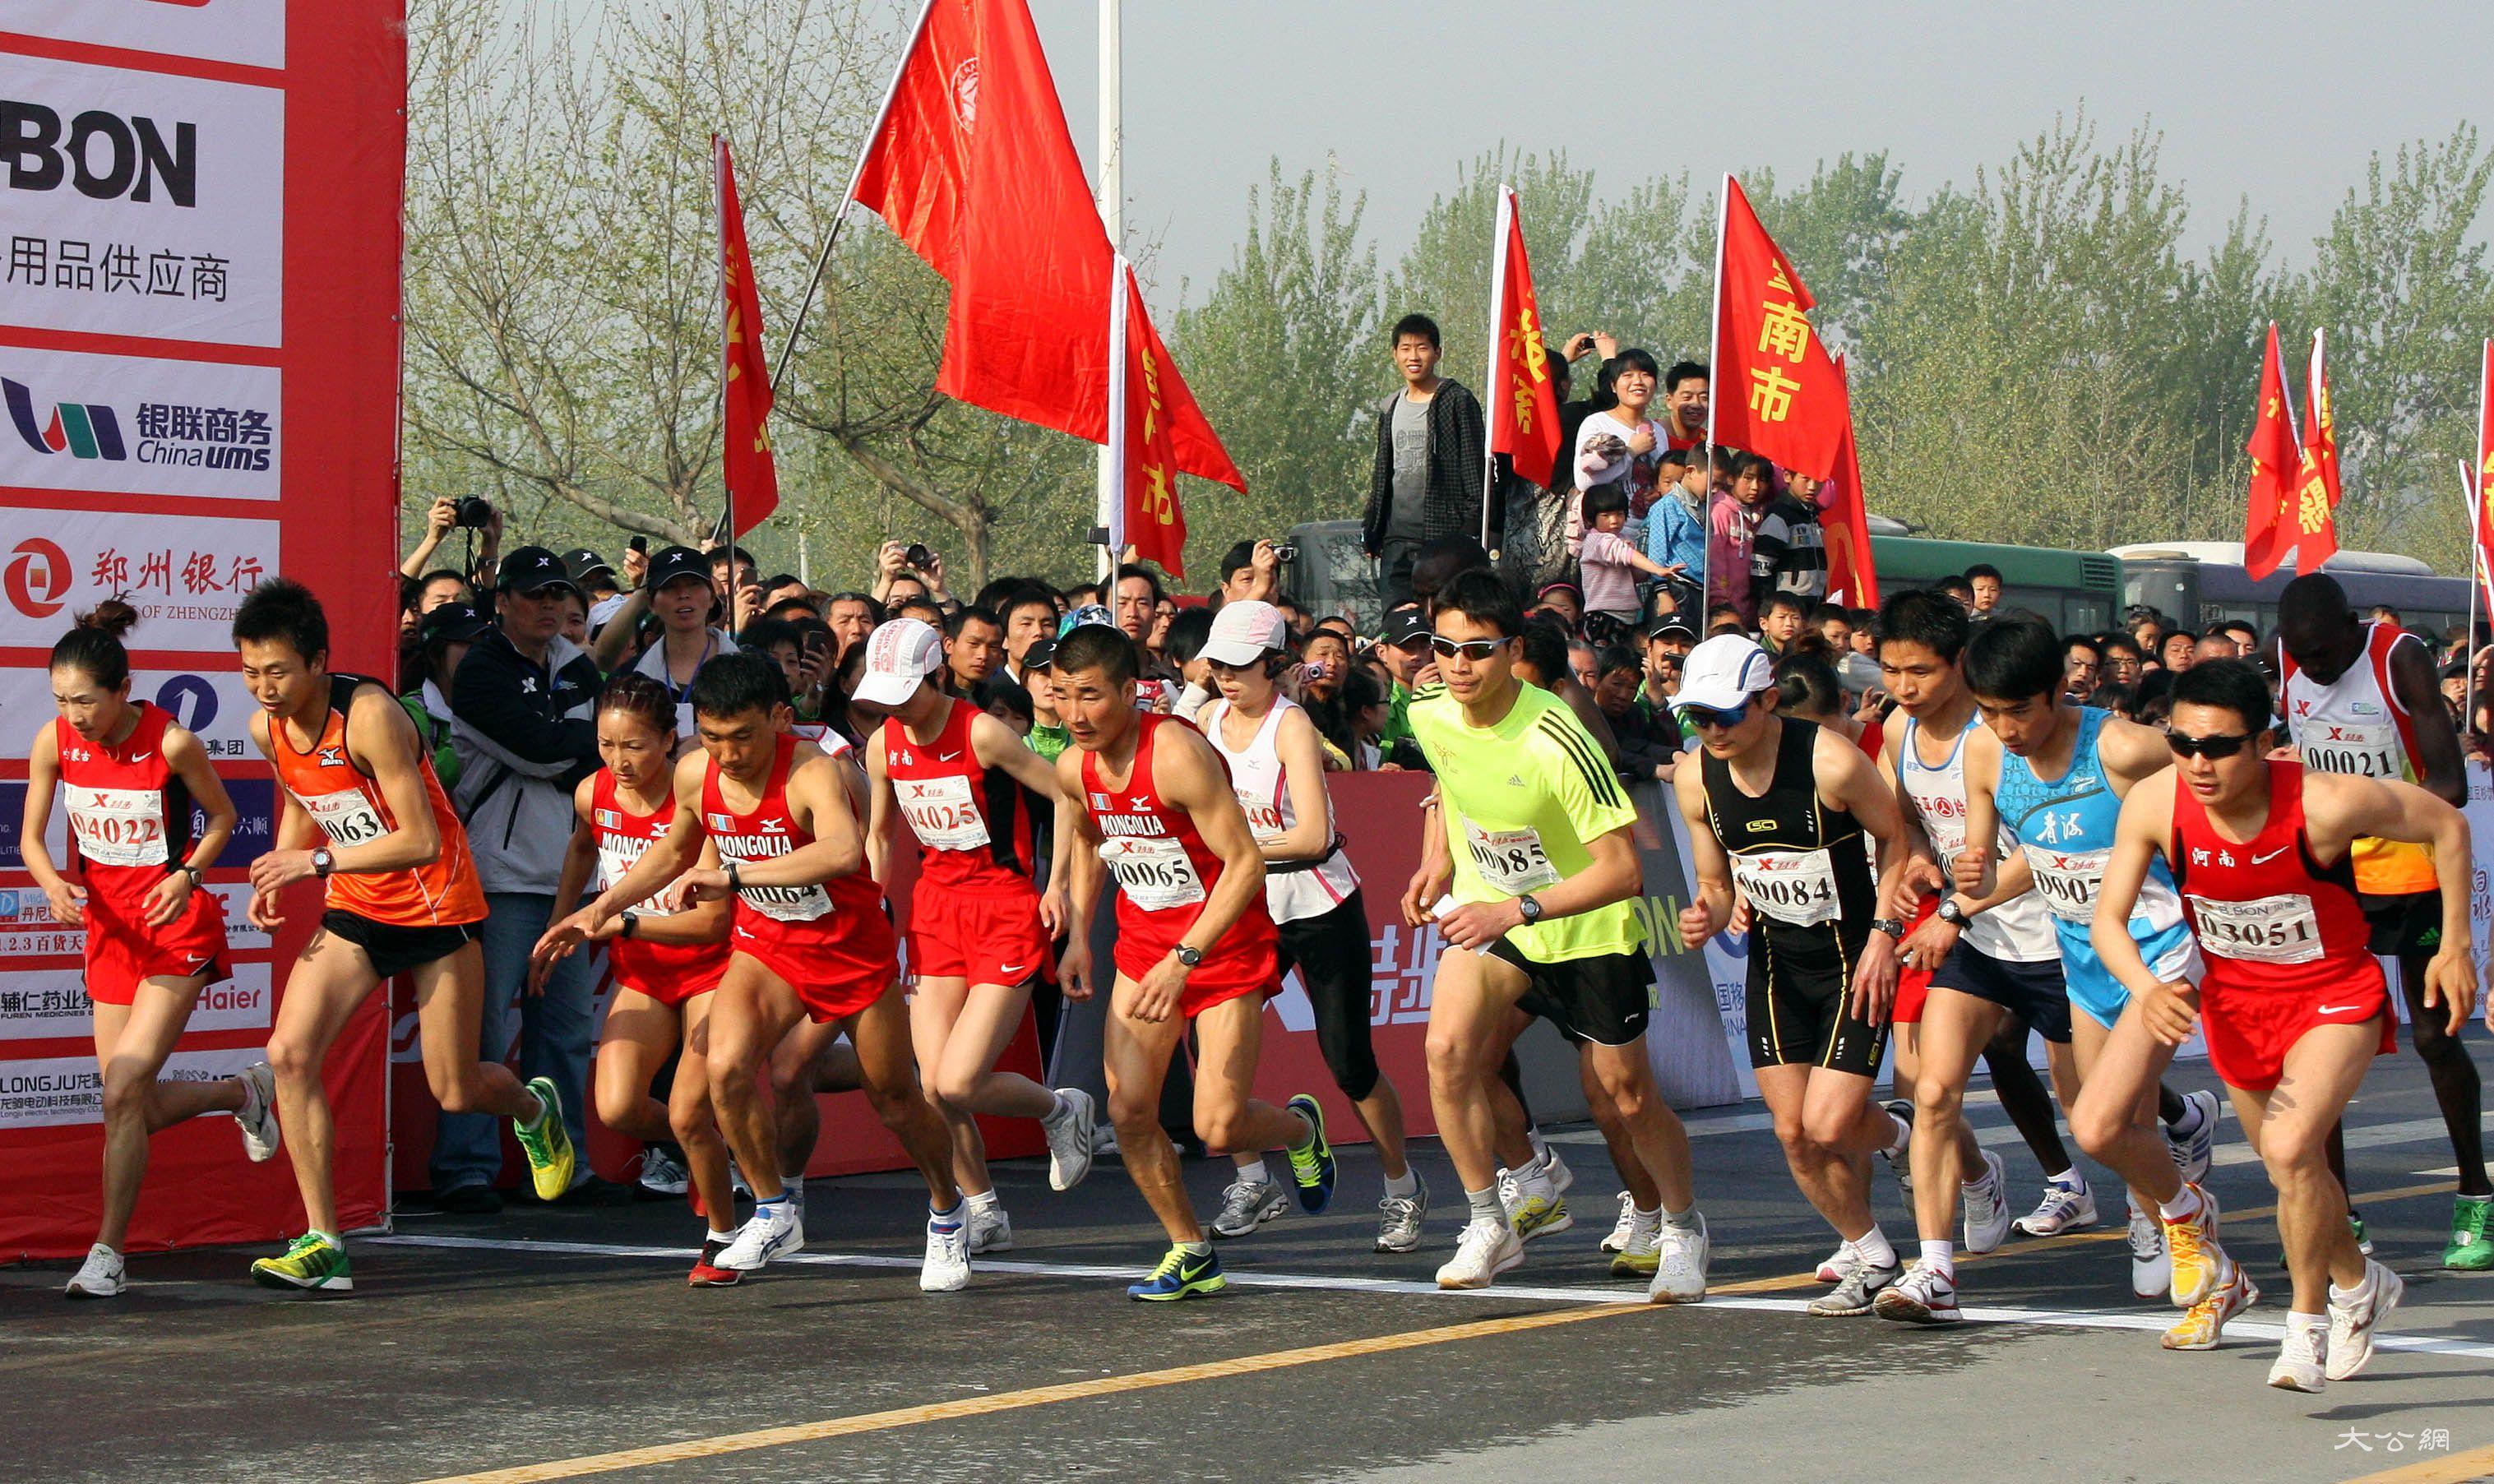 2019鄭開全球正规博彩公司排名馬拉松賽3月31日將開賽